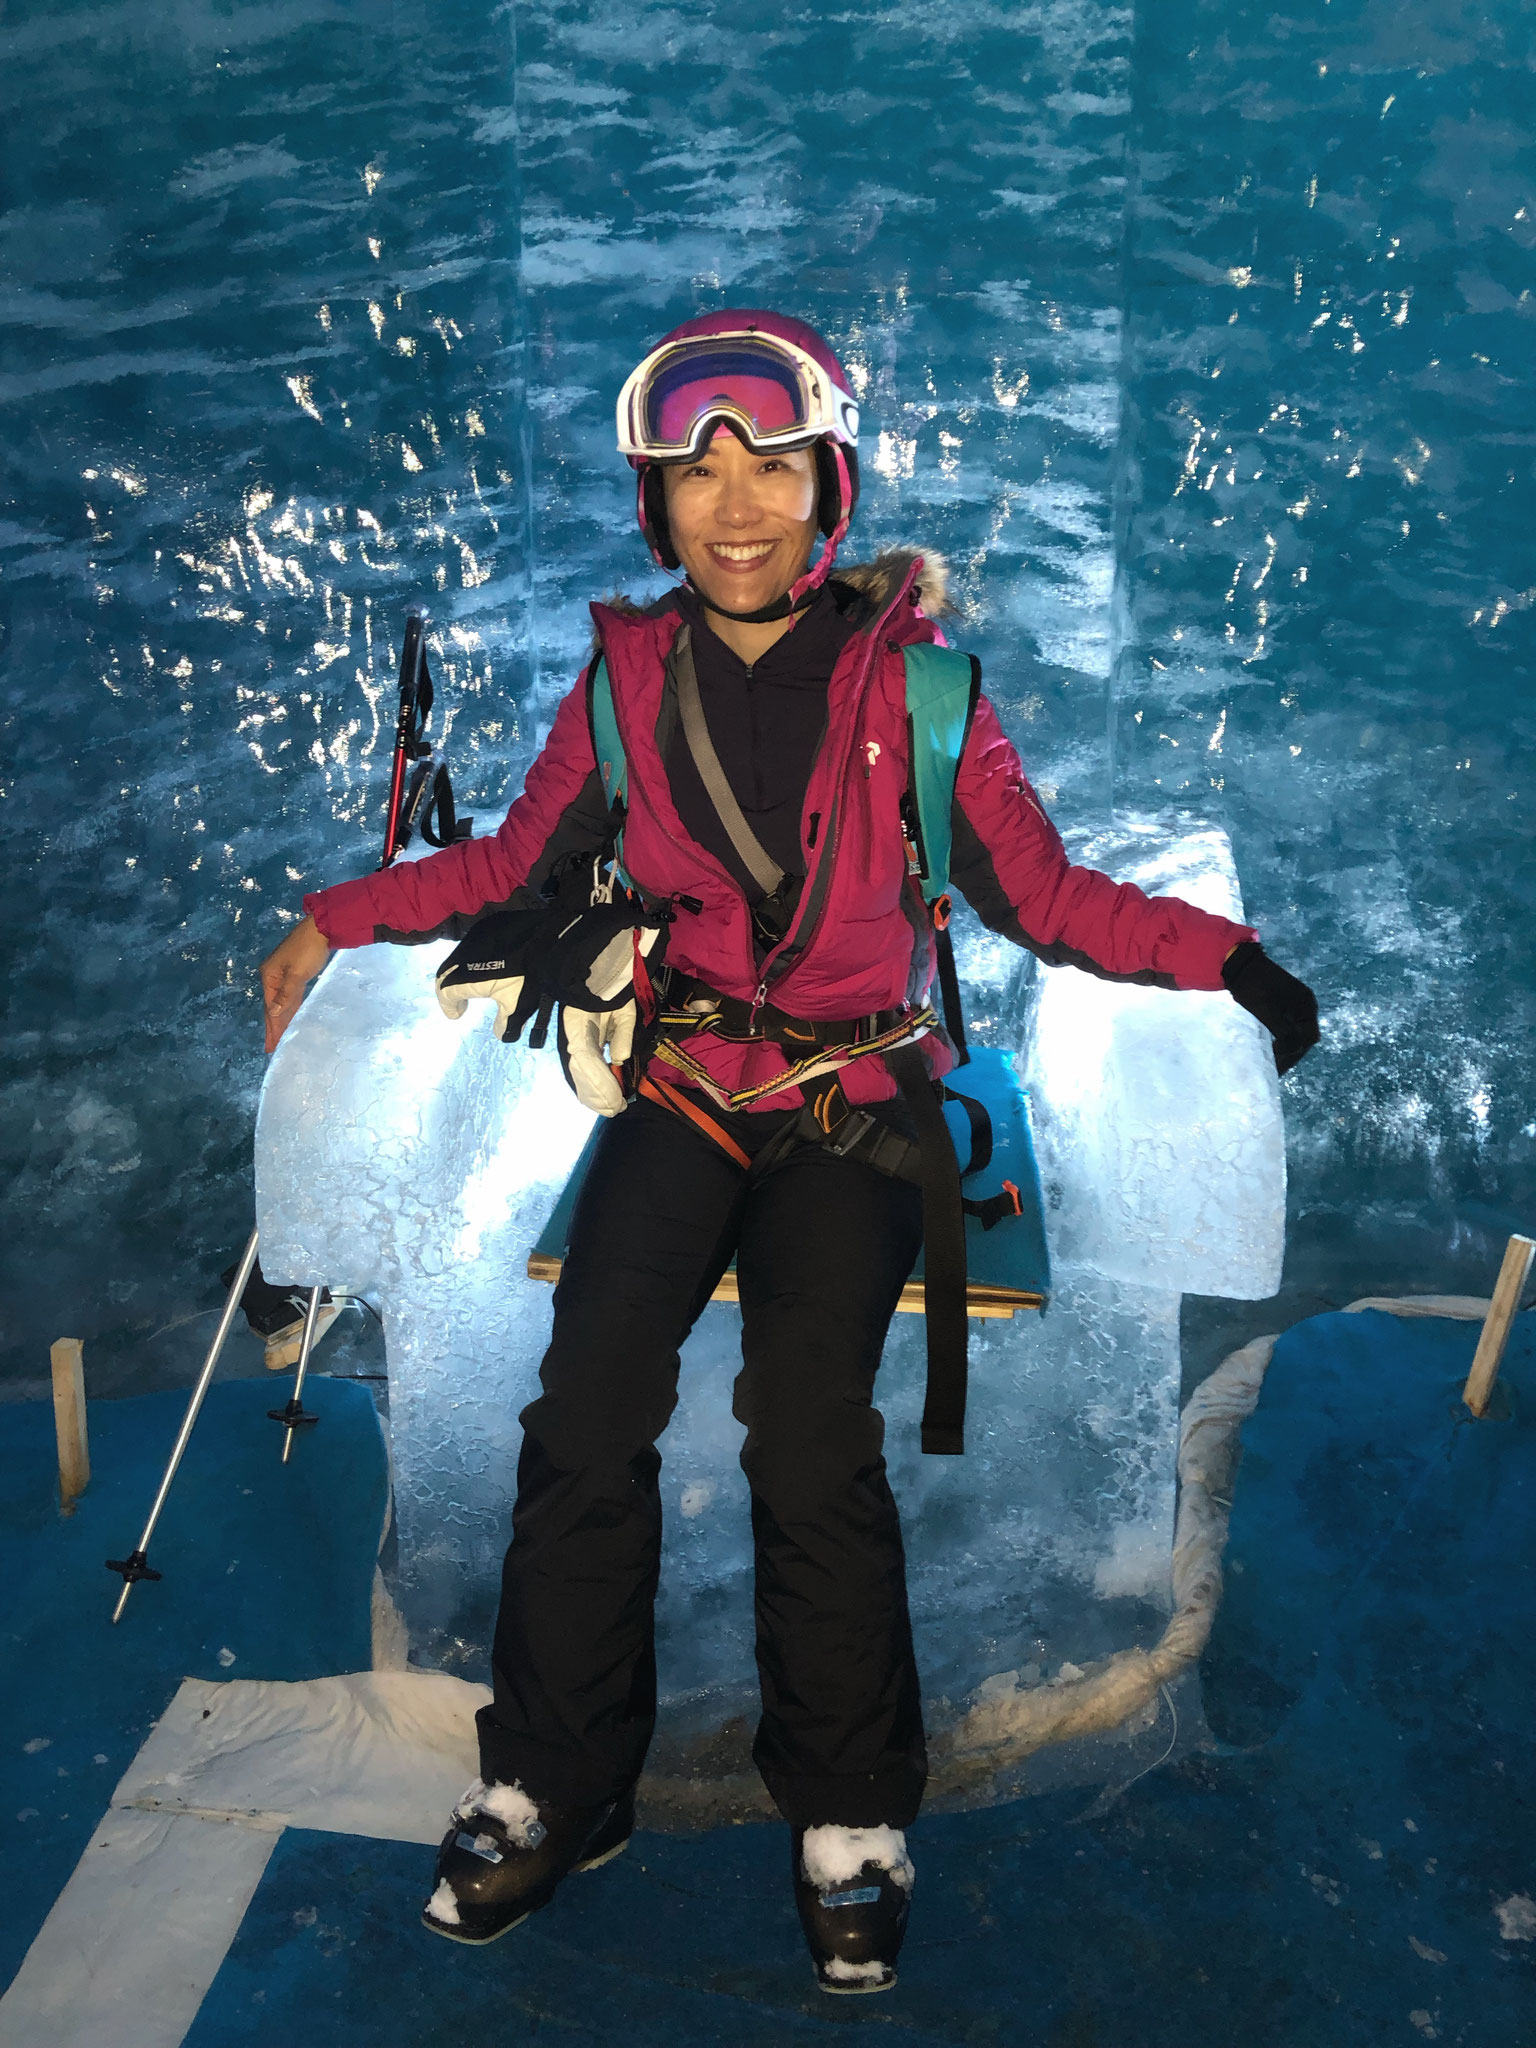 Anna de passage dans la Grotte de Glace